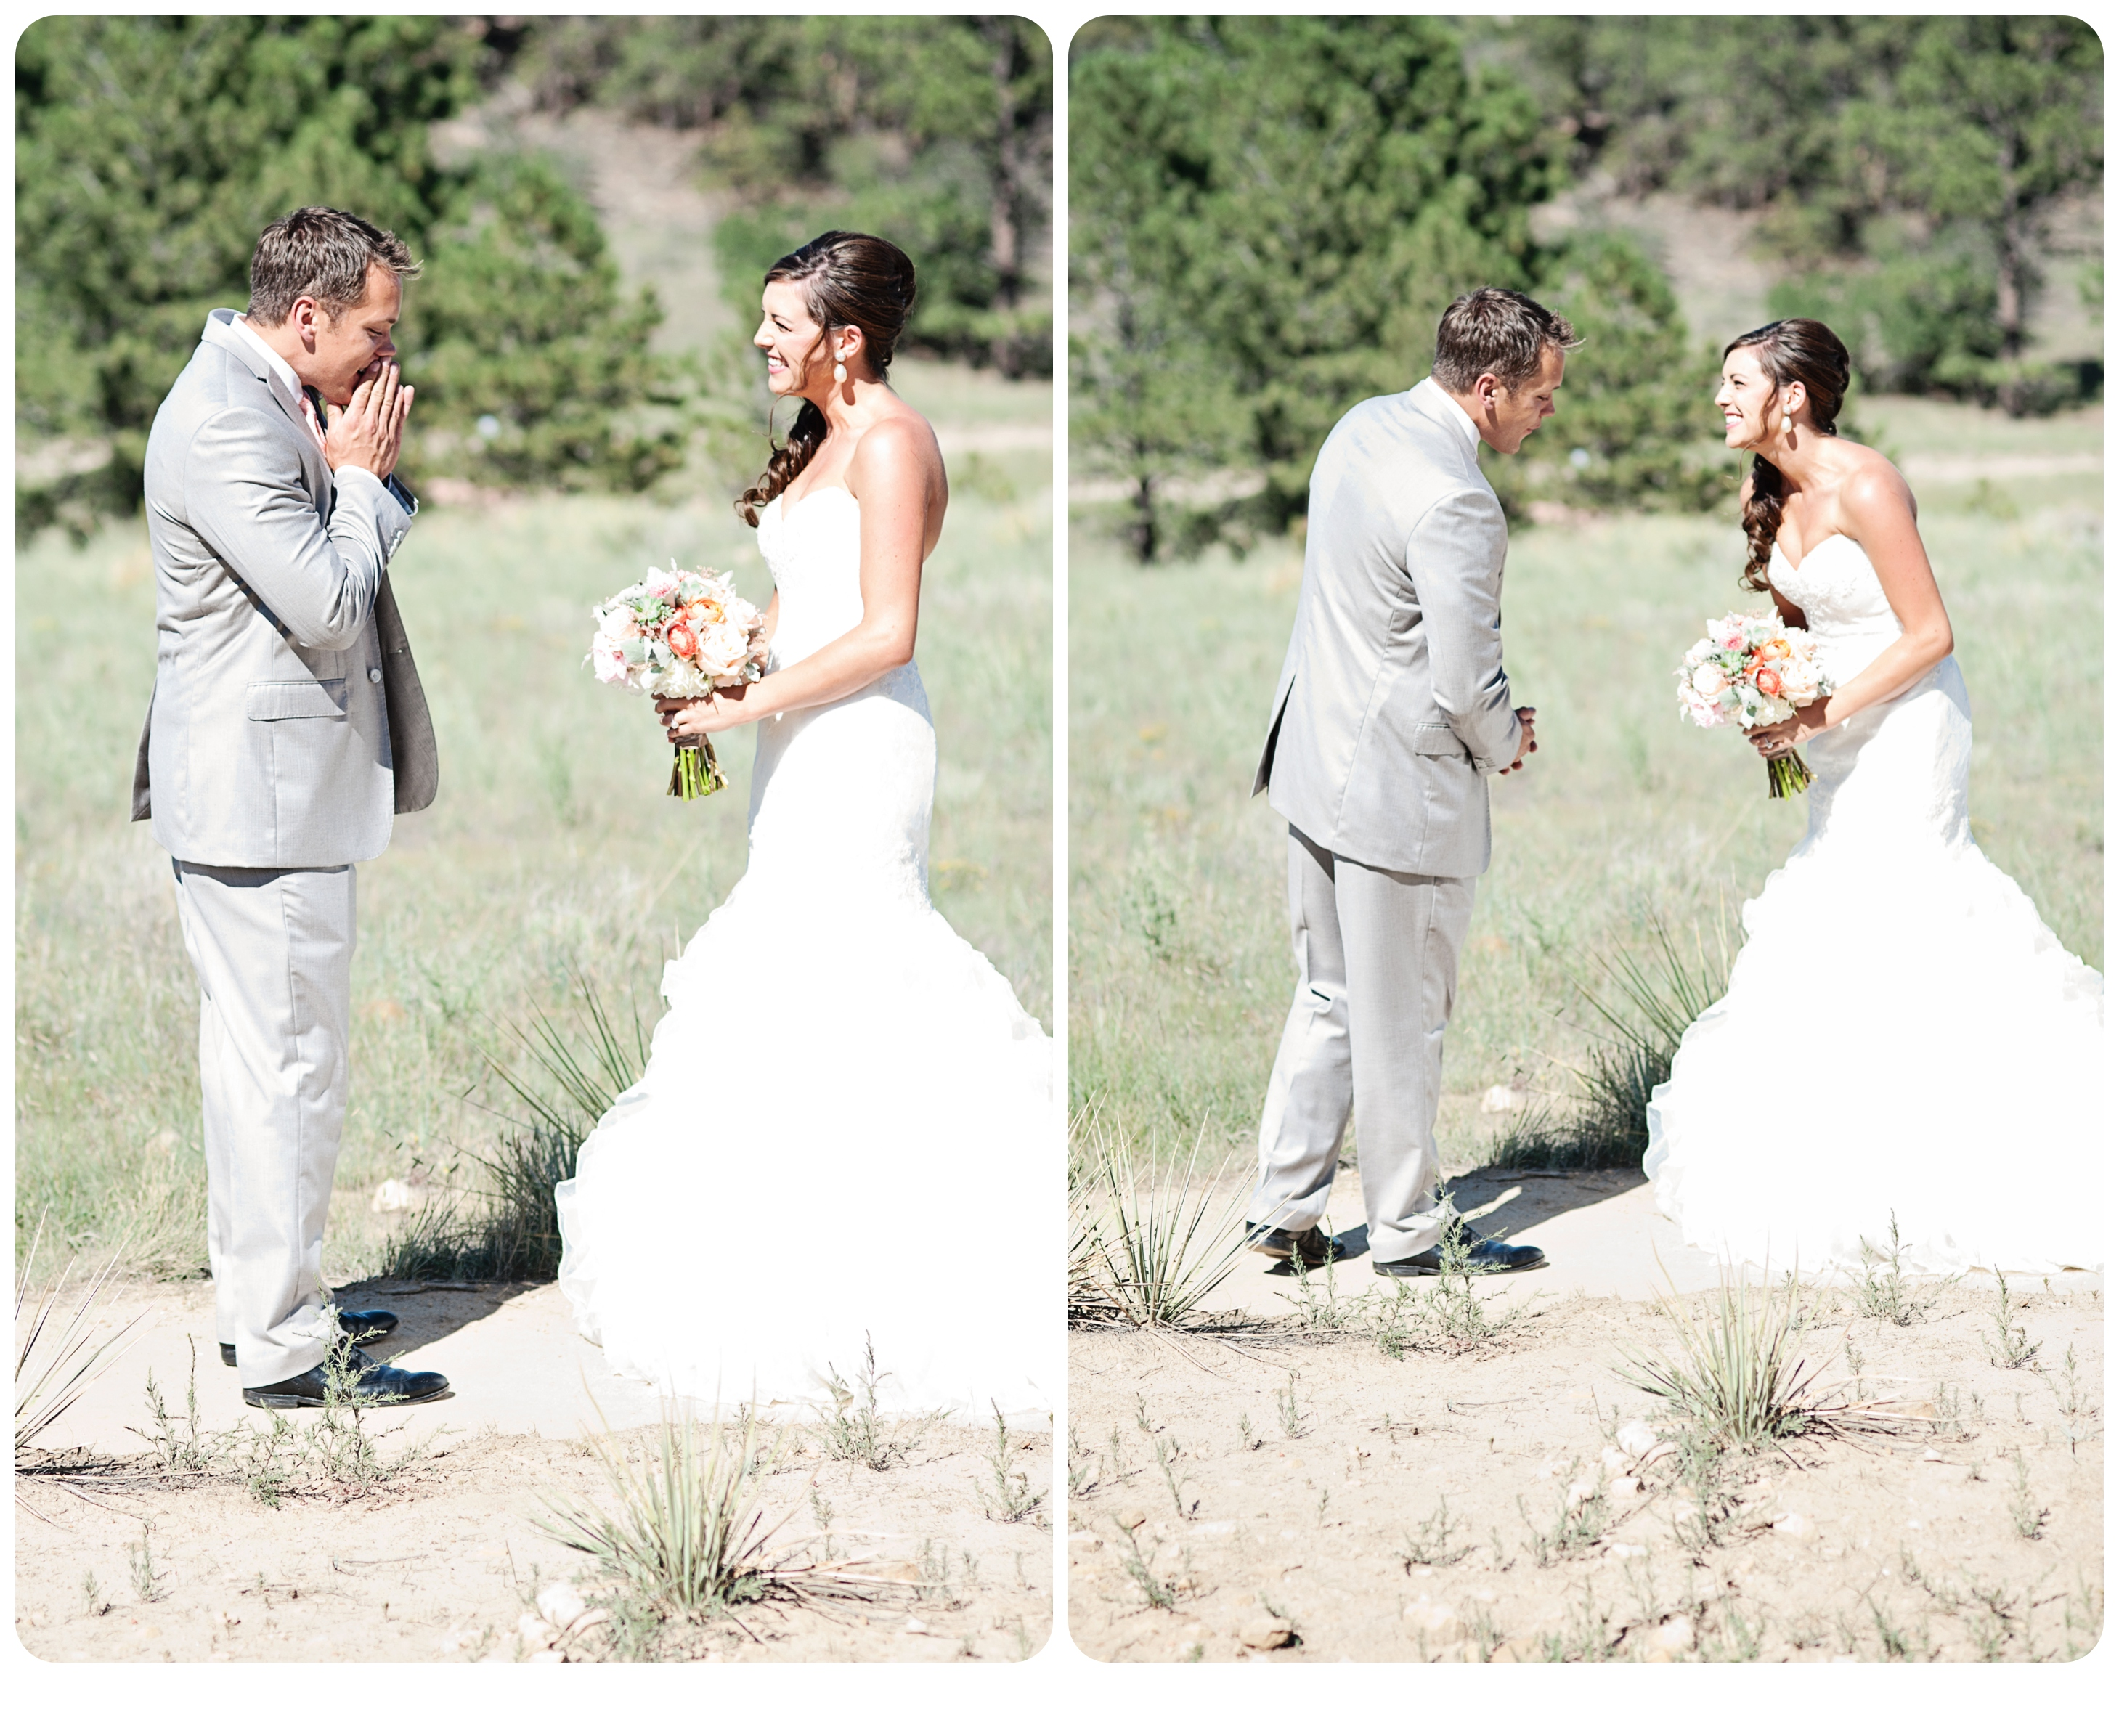 Colorado Springs Wedding Flowers 2